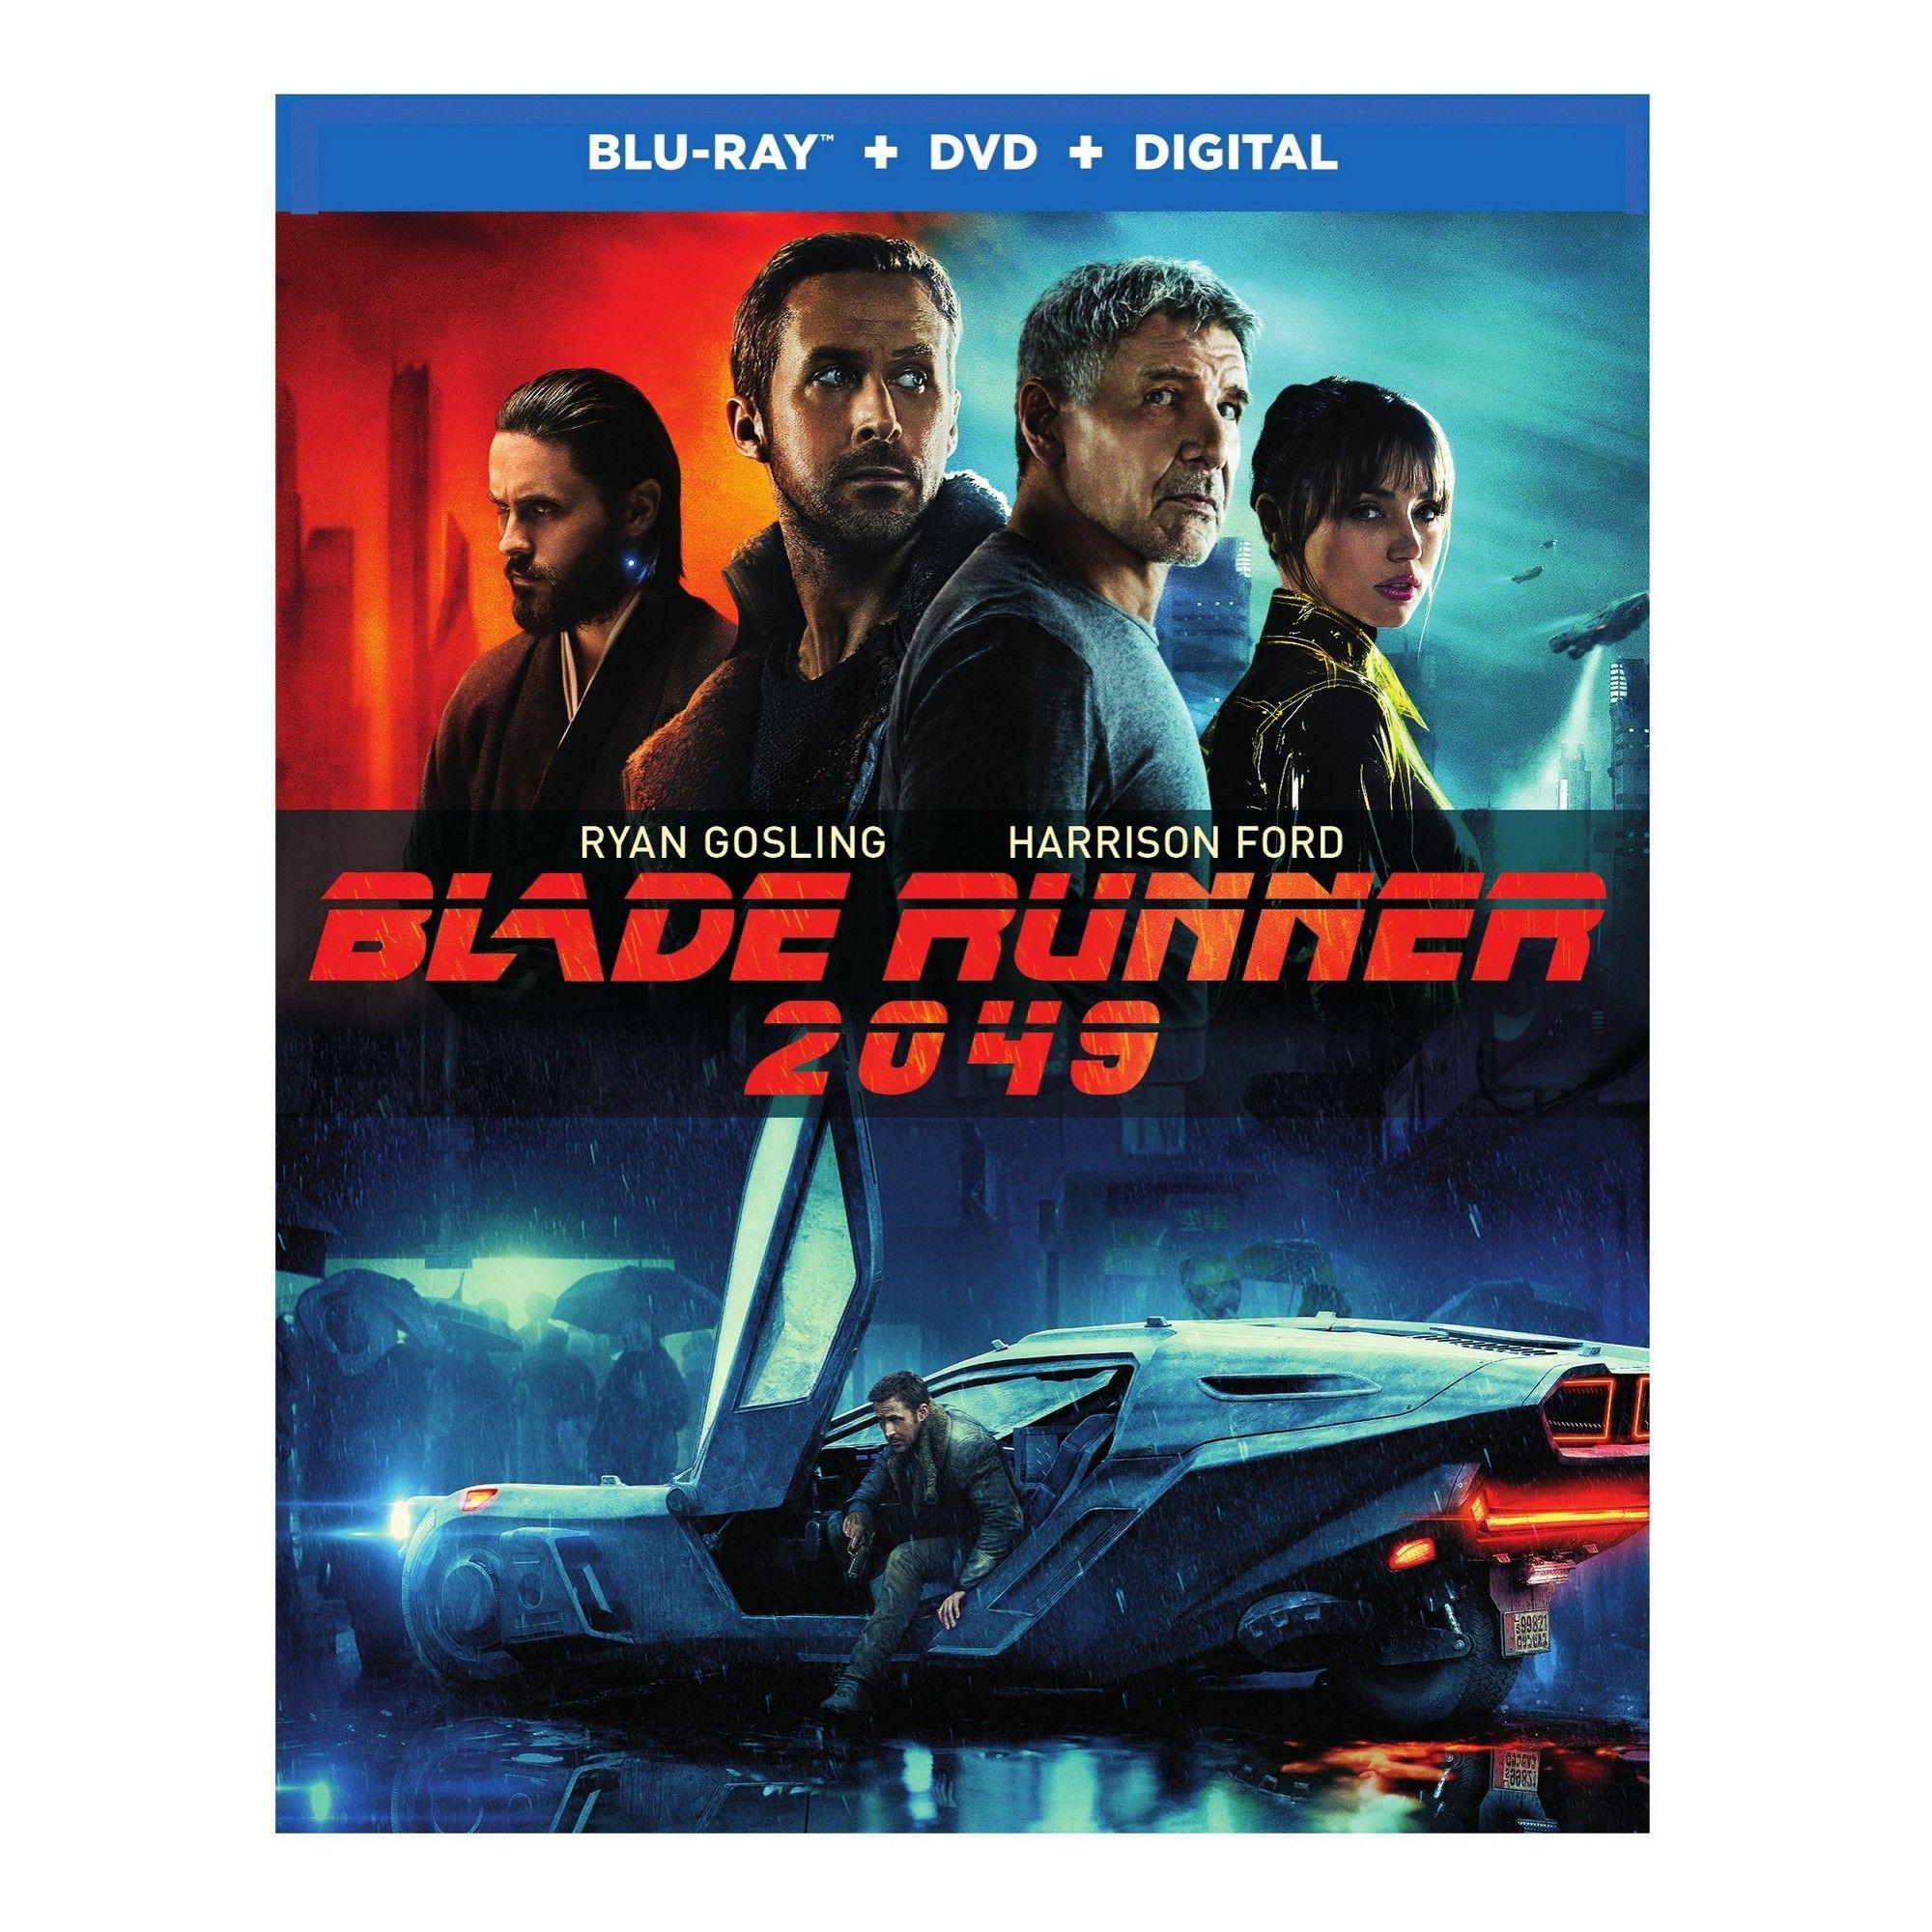 Blade Runner 2049 Blu Ray In 2021 Blade Runner Blade Runner 2049 Harrison Ford Blade Runner